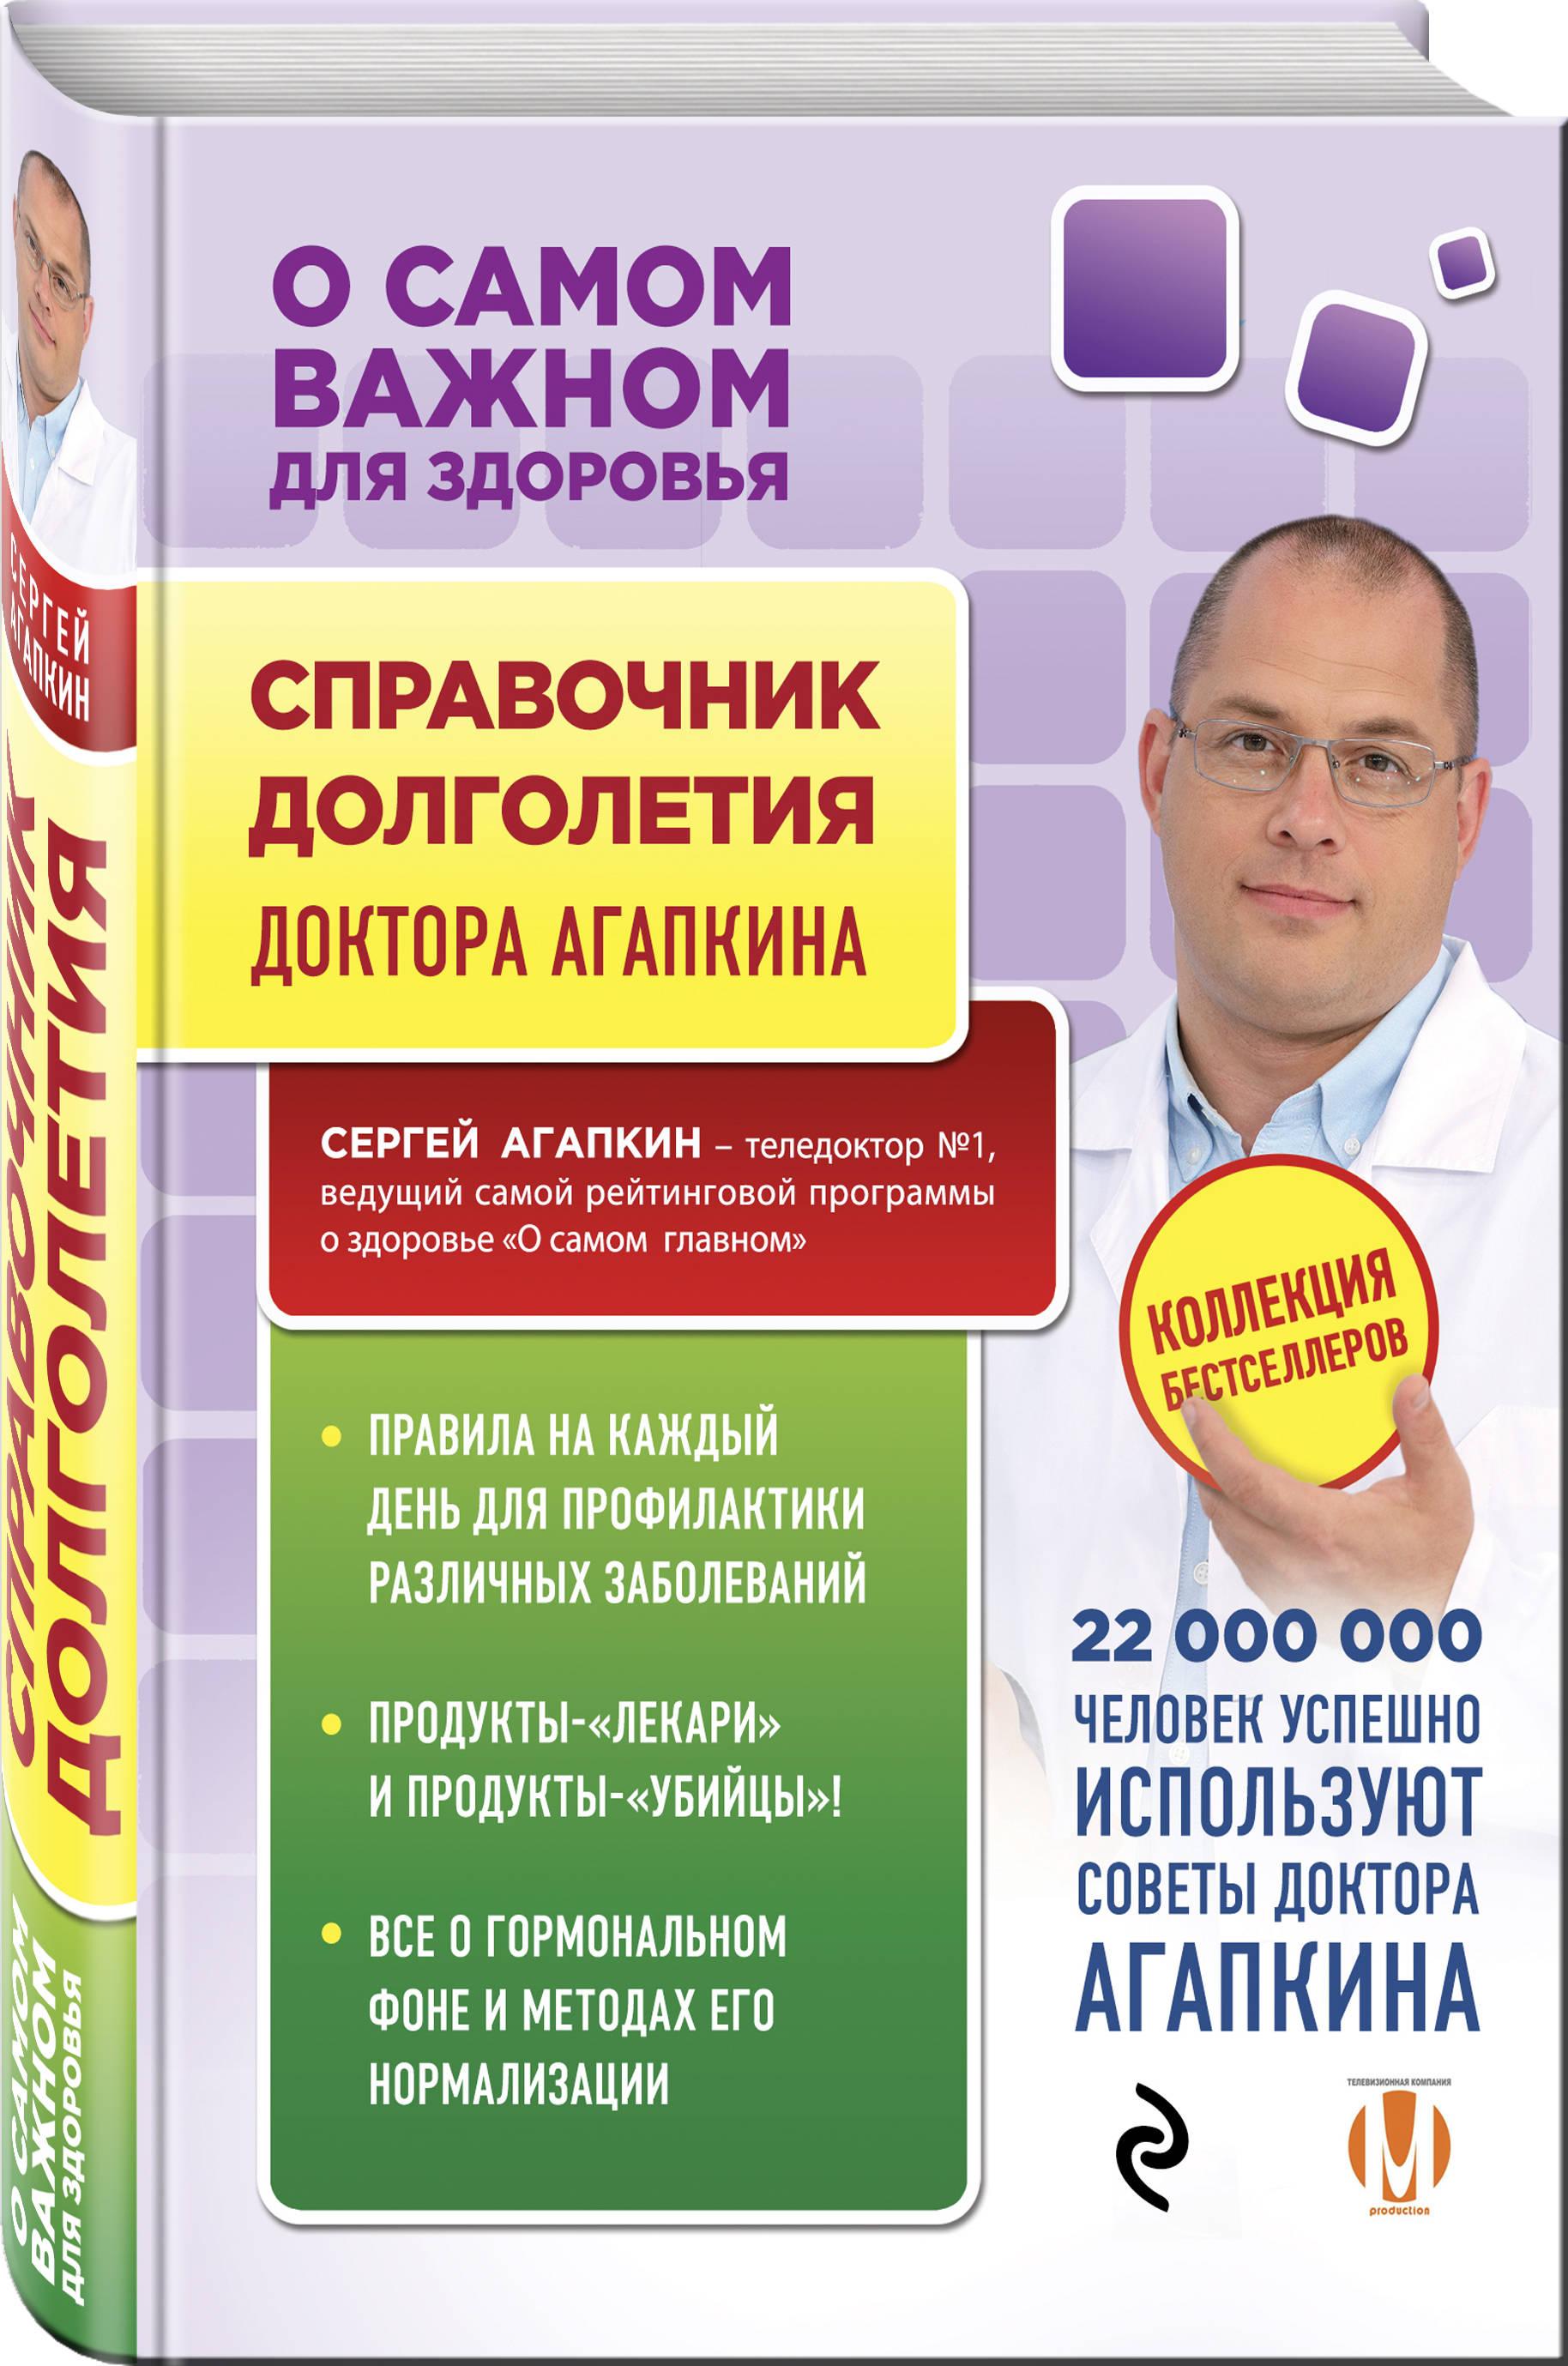 Справочник долголетия ( Сергей Агапкин  )